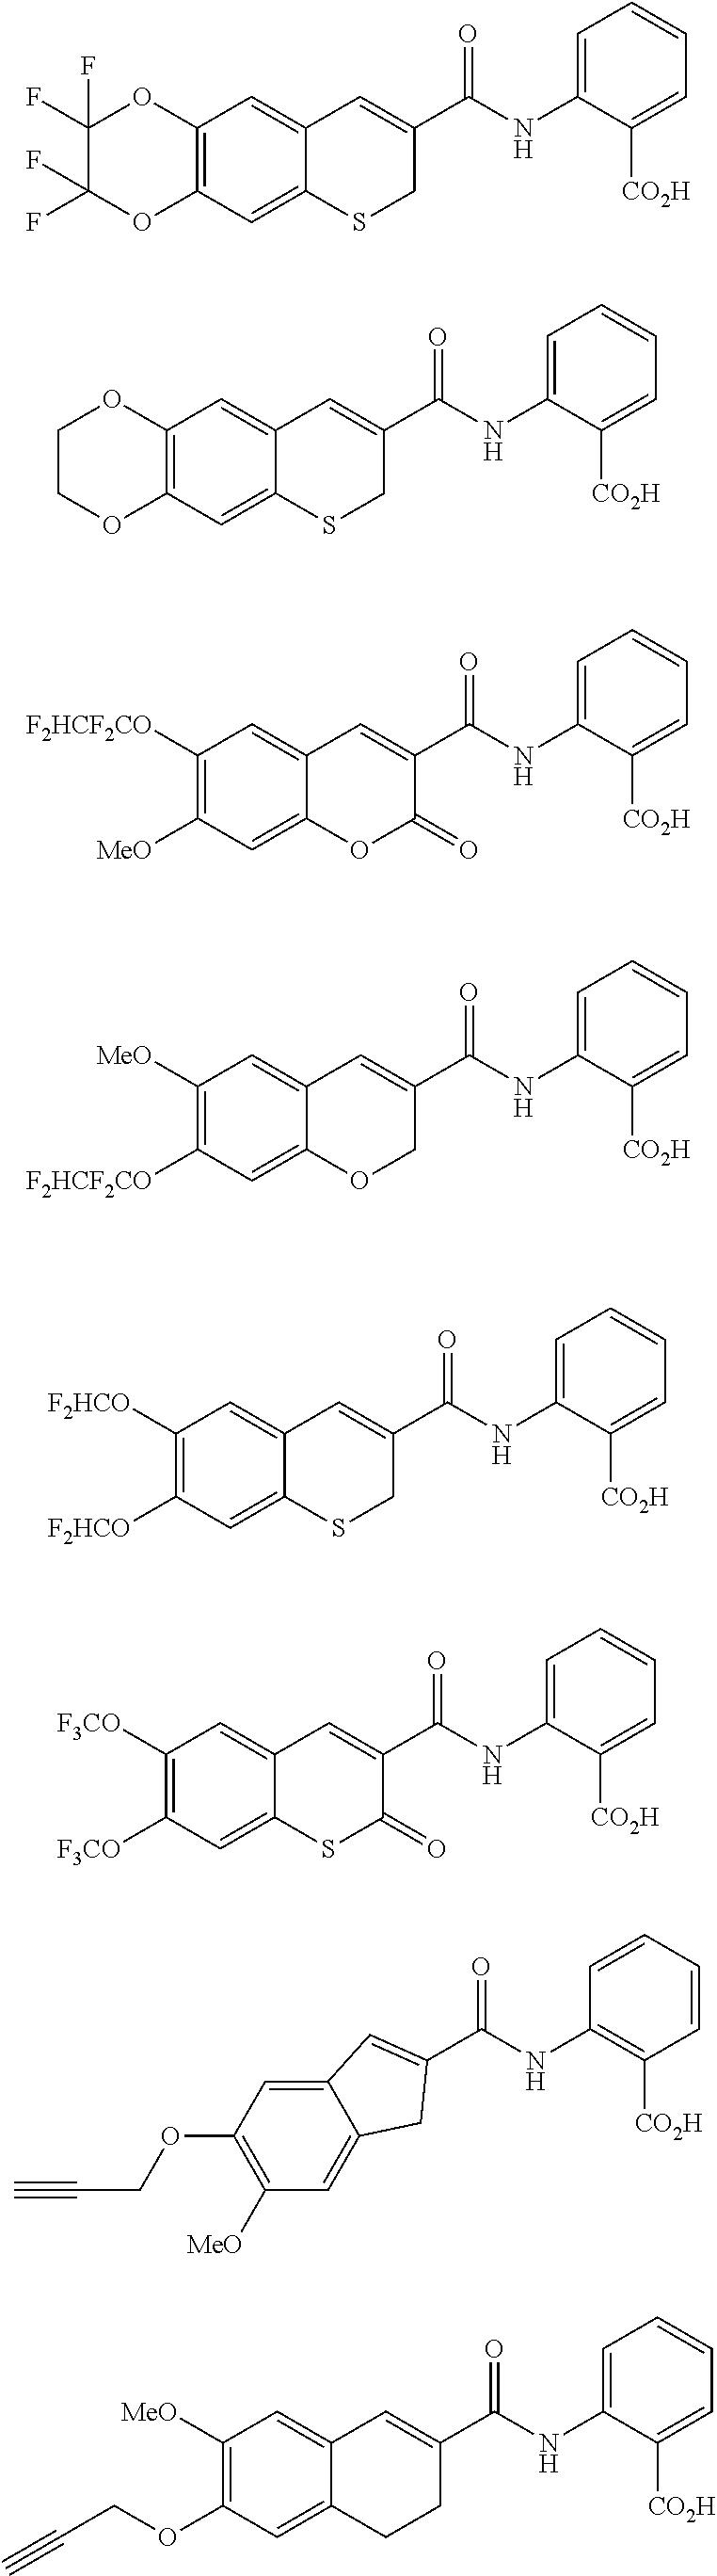 Figure US09951087-20180424-C00003